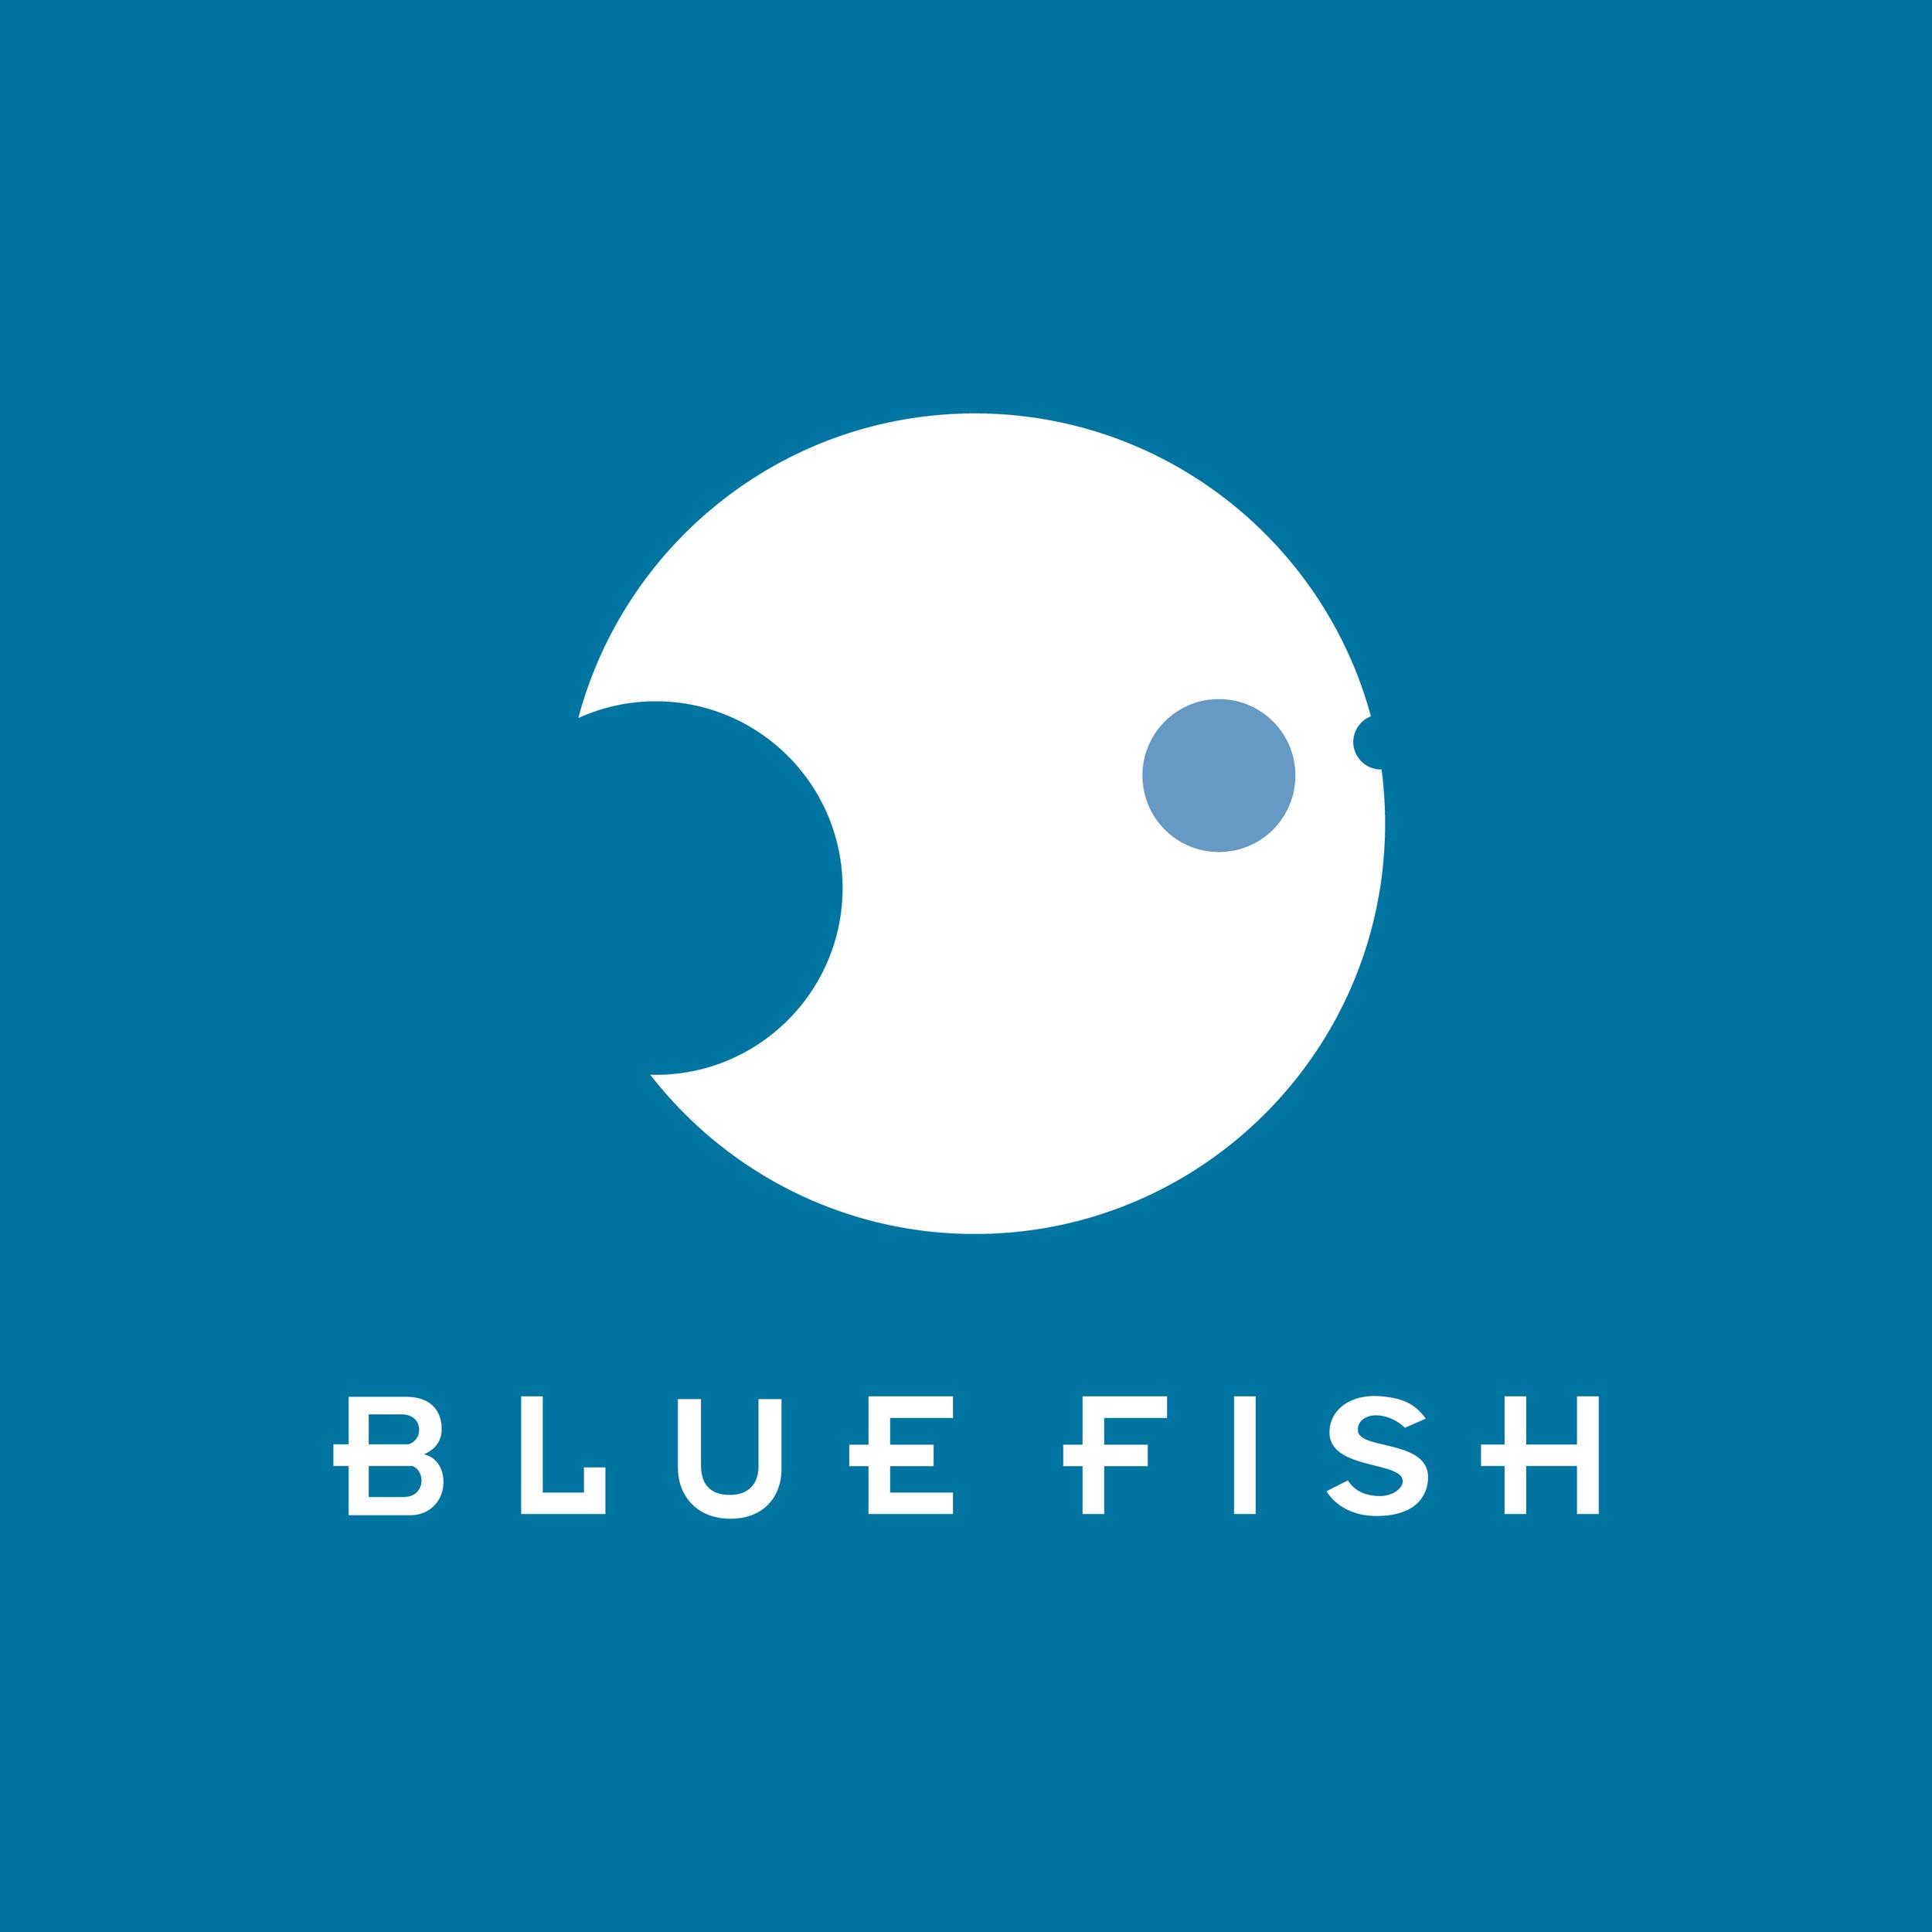 bluefish.png